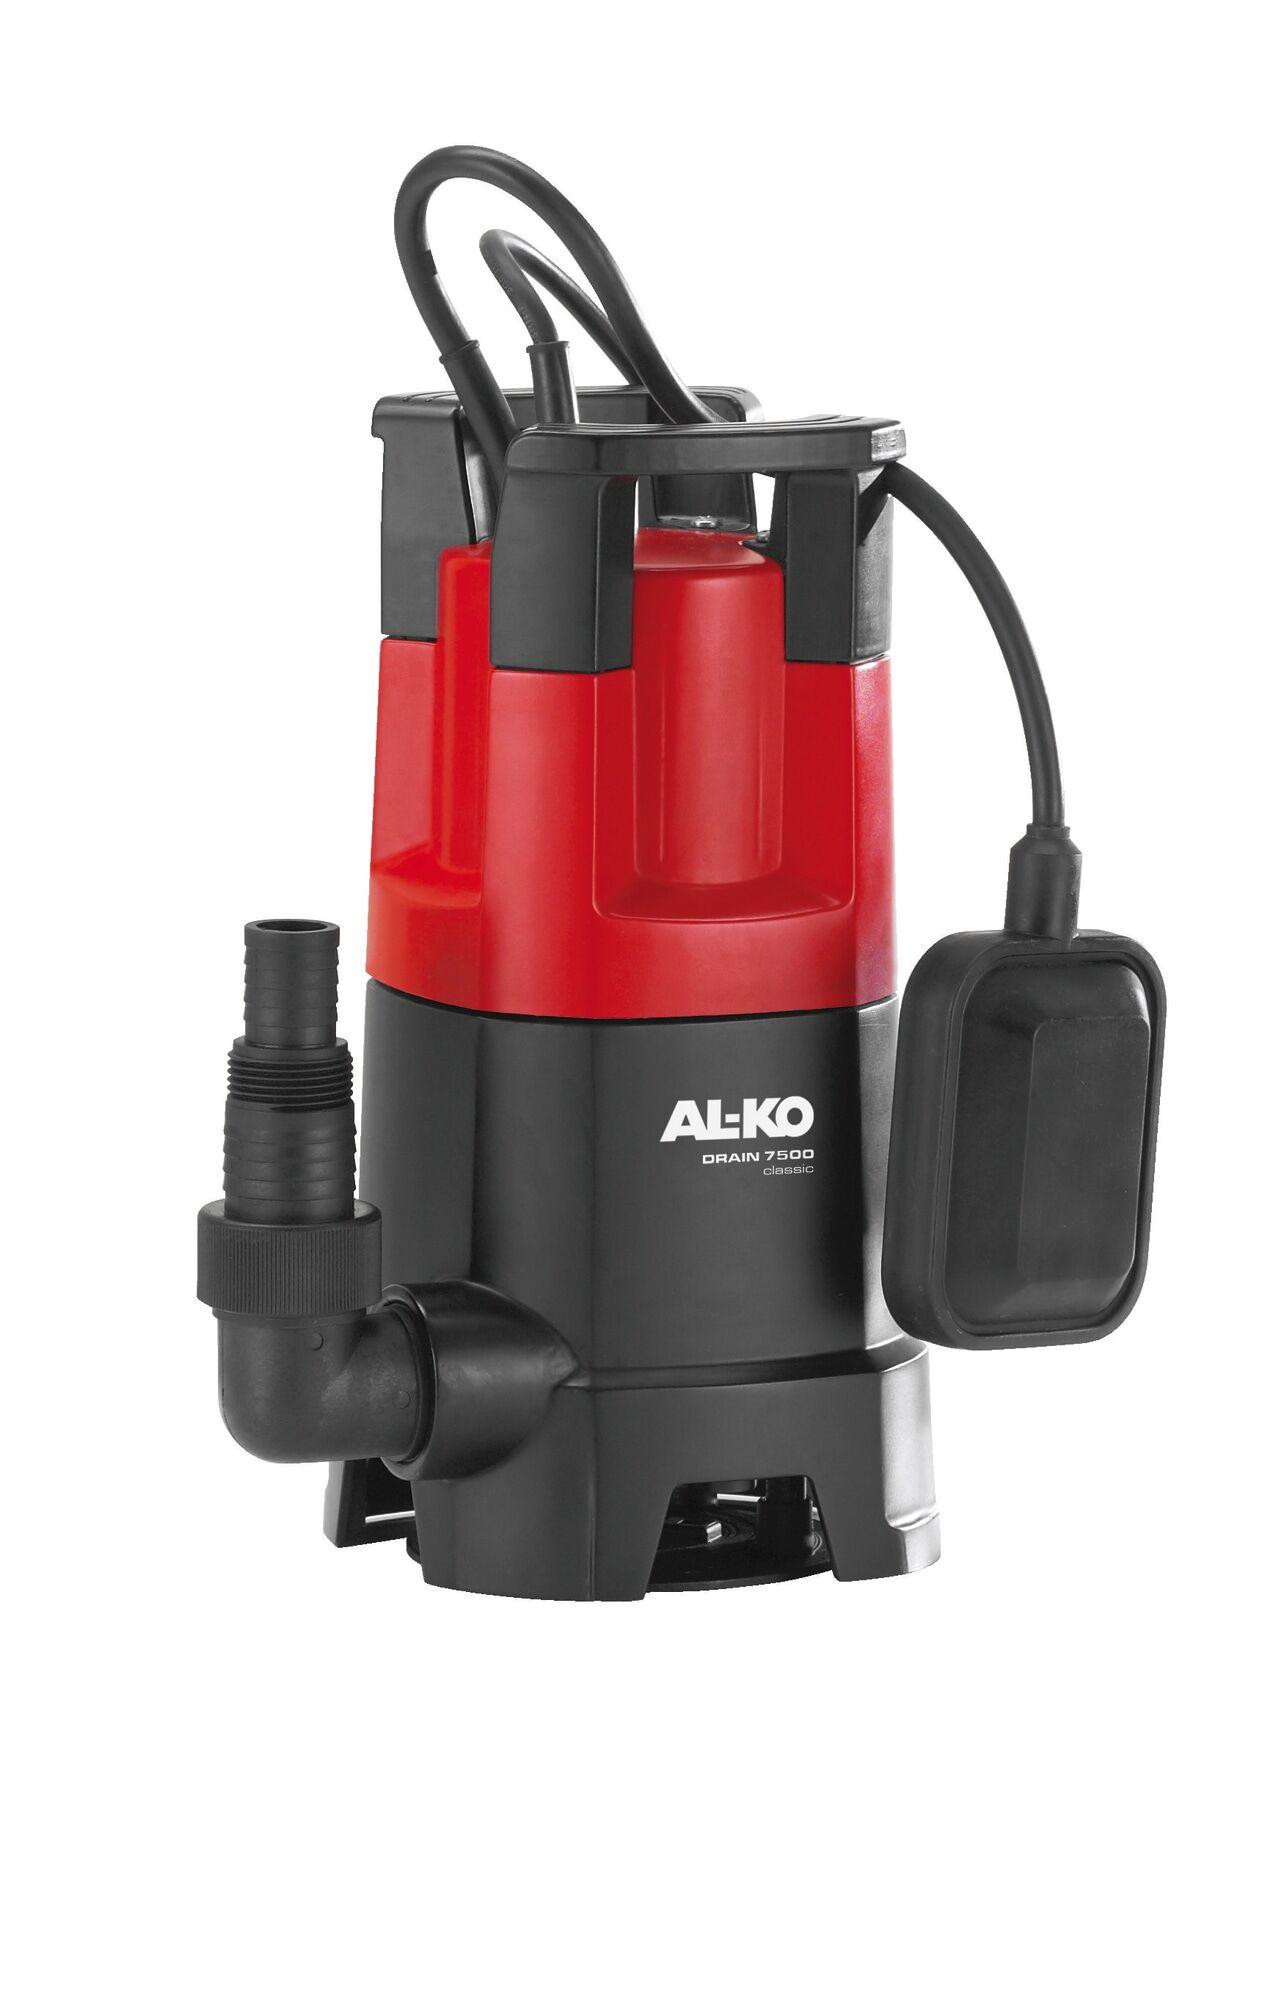 AL-KO Drain 7500 Classic 450W likavesi uppopumppu